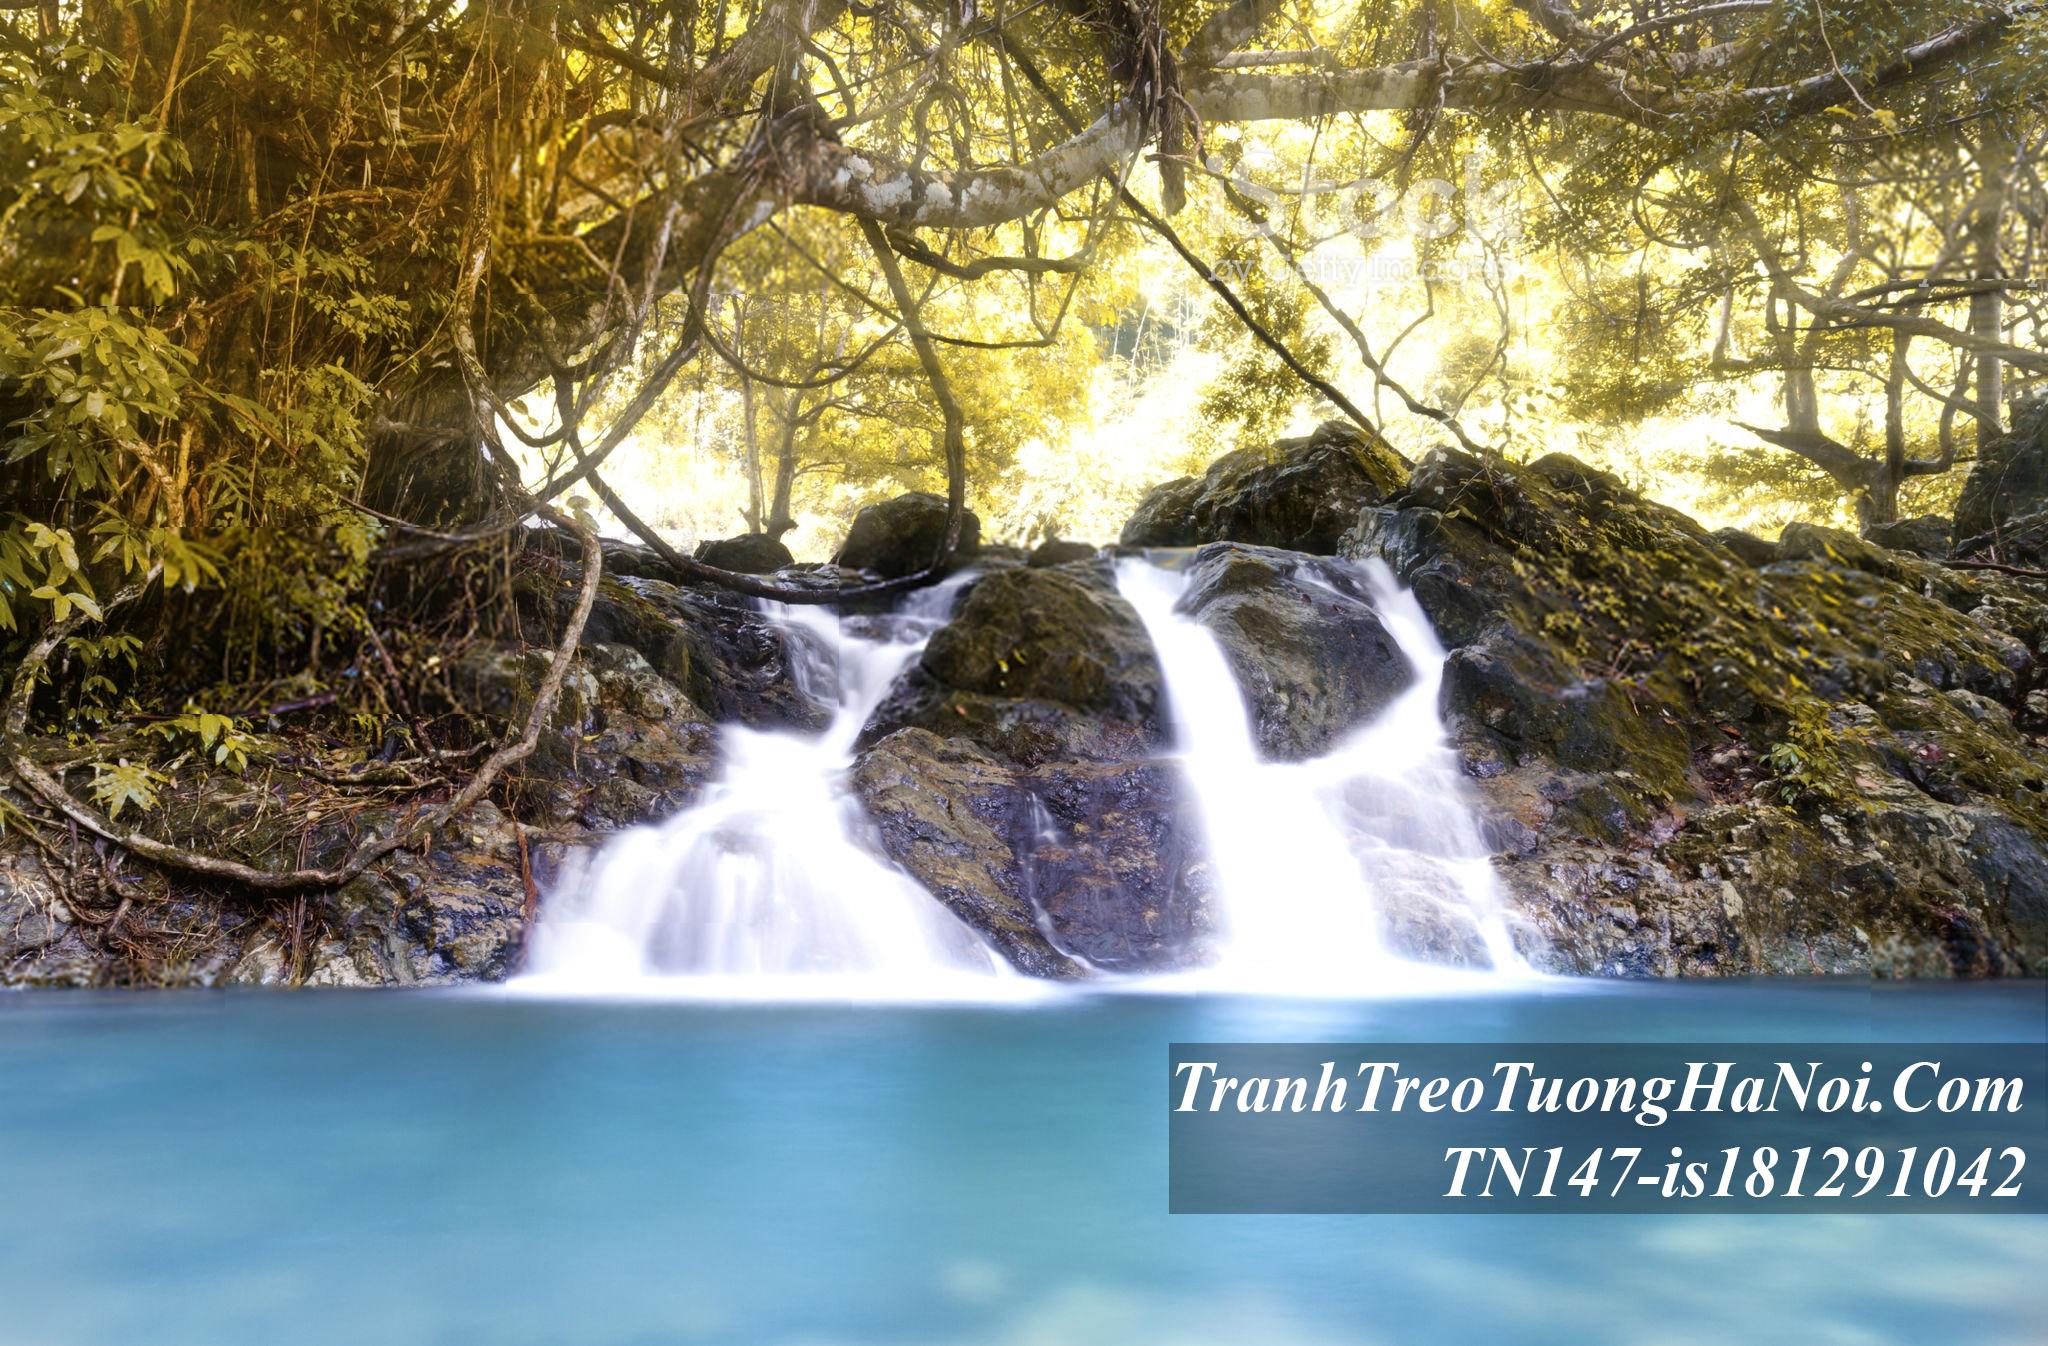 Phong canh dep thac nuoc thien nhien mau xanh amia TN147-is181291042